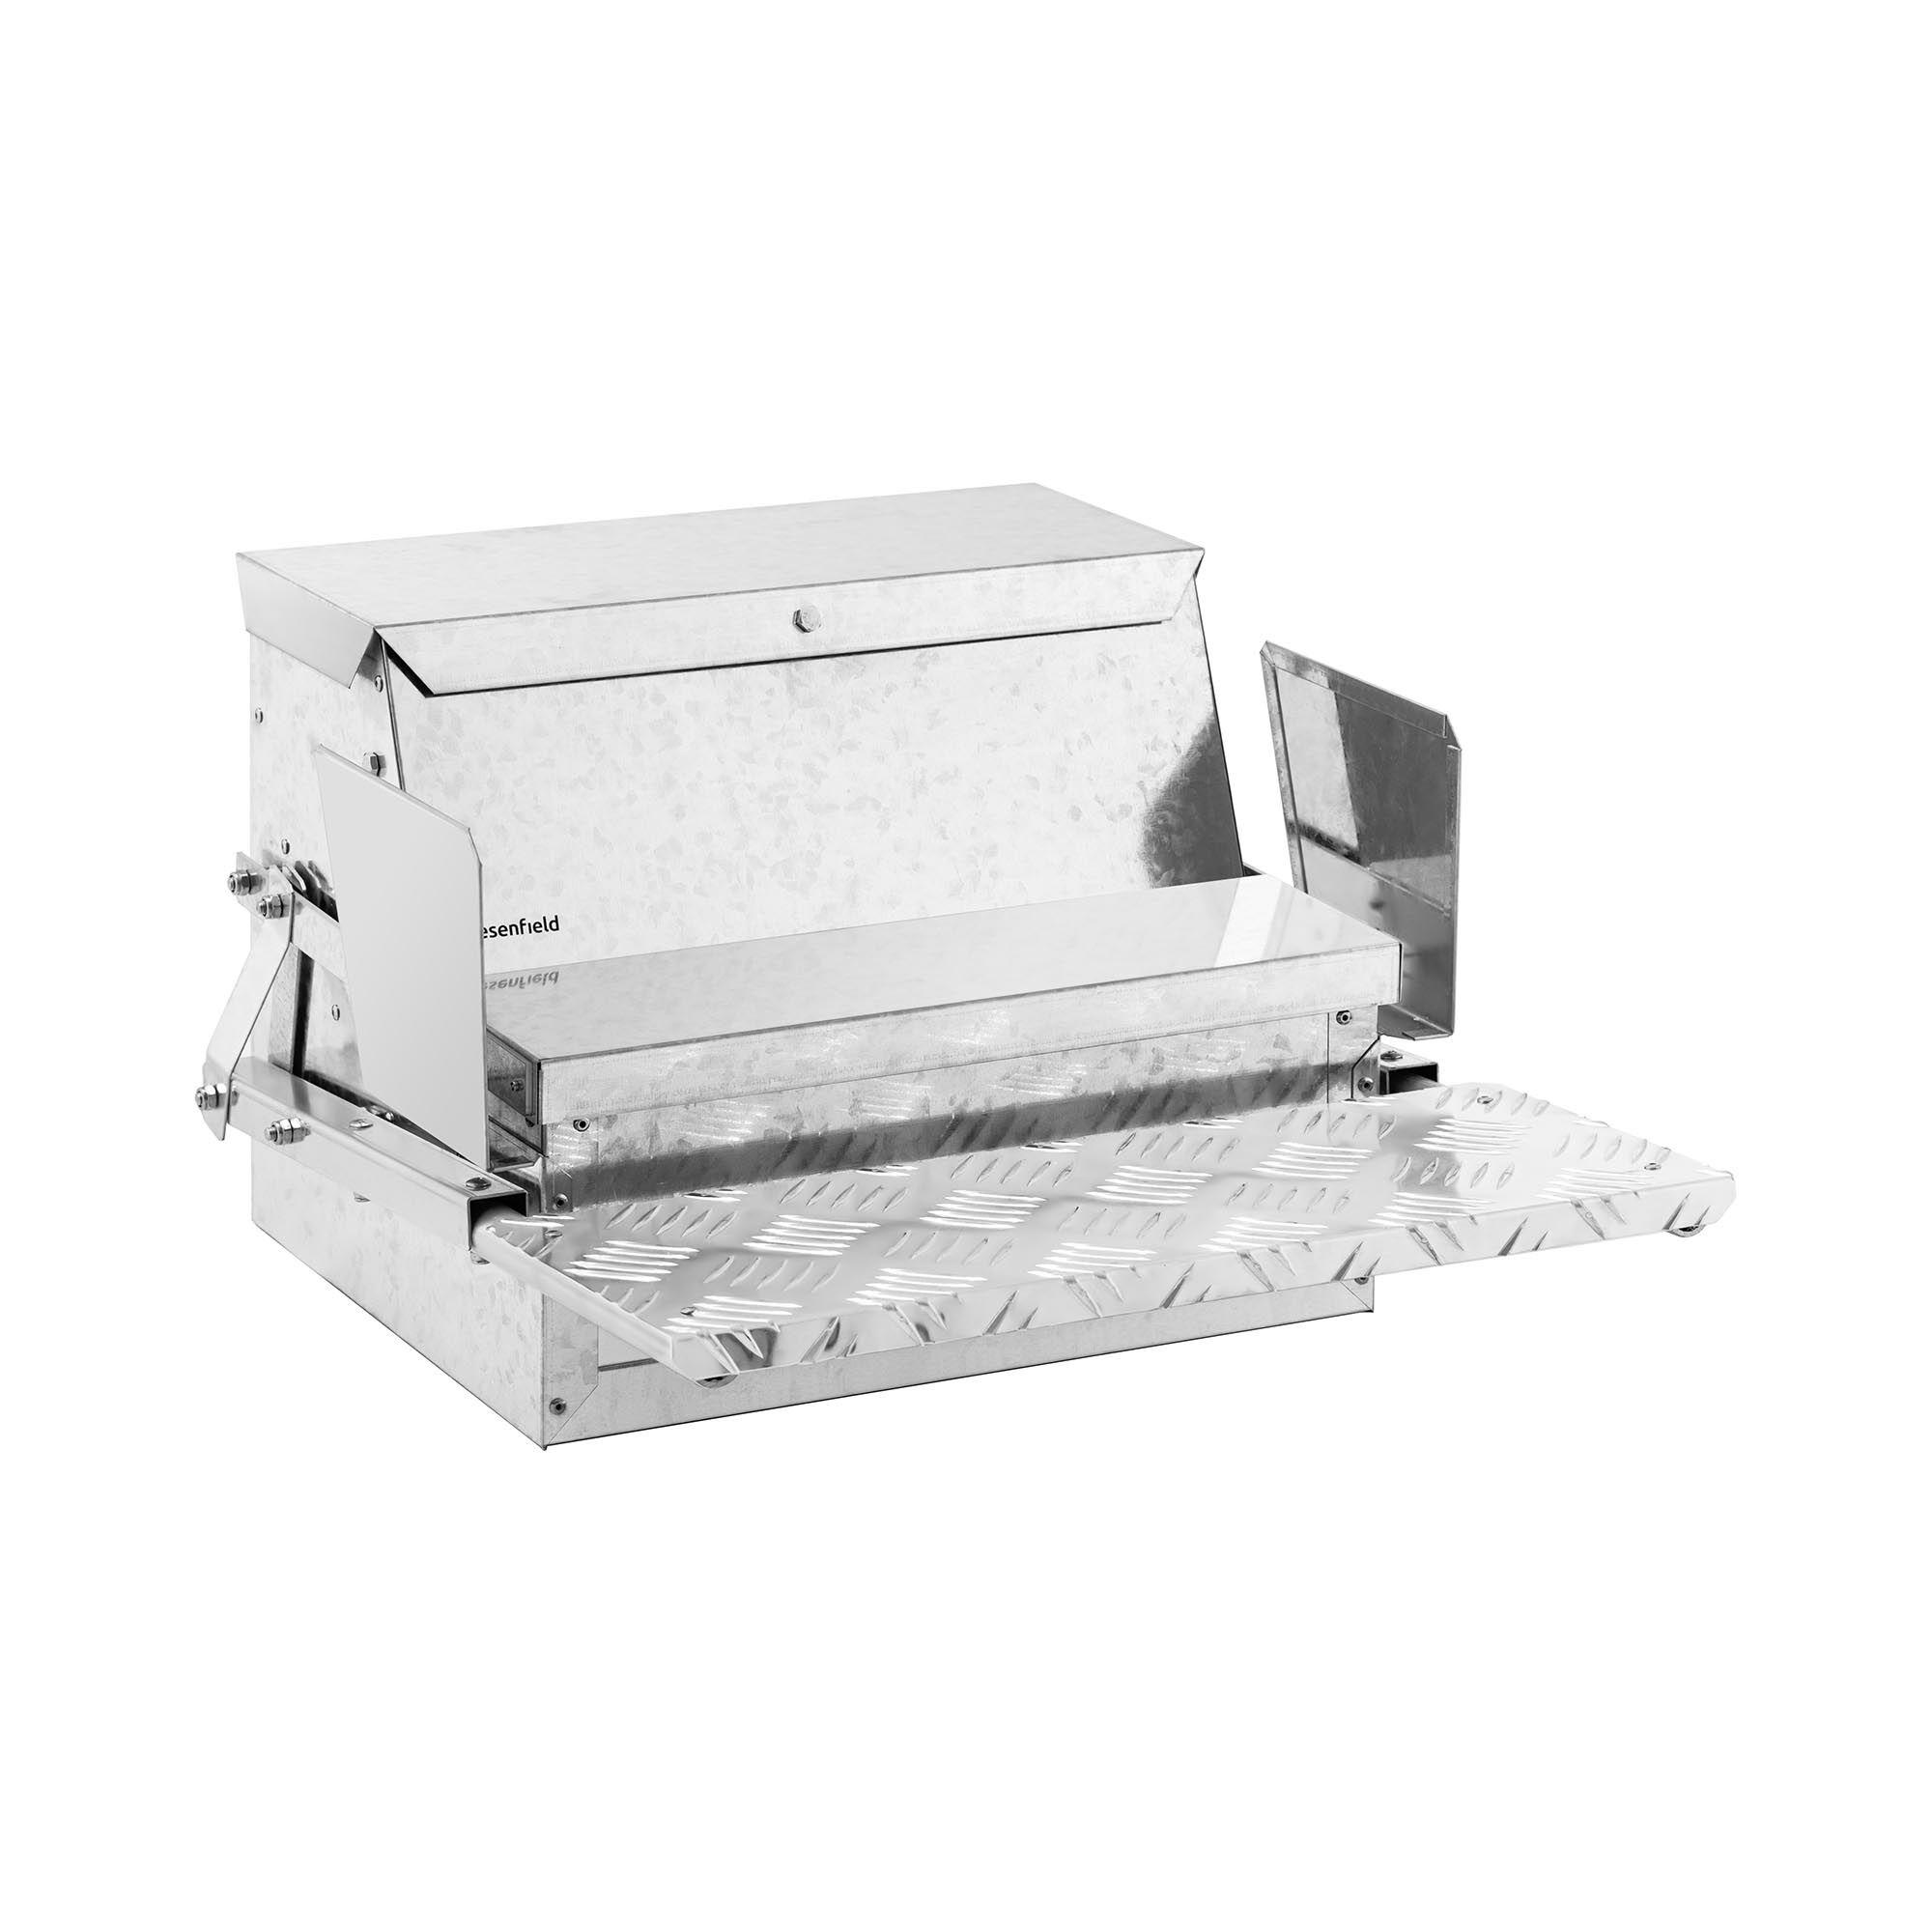 Wiesenfield Mangiatoia per galline, polli e pulcini automatica - Sistema antispreco e antitopo - 11,5 kg - Pedana minimo 400 g WI-CF-150